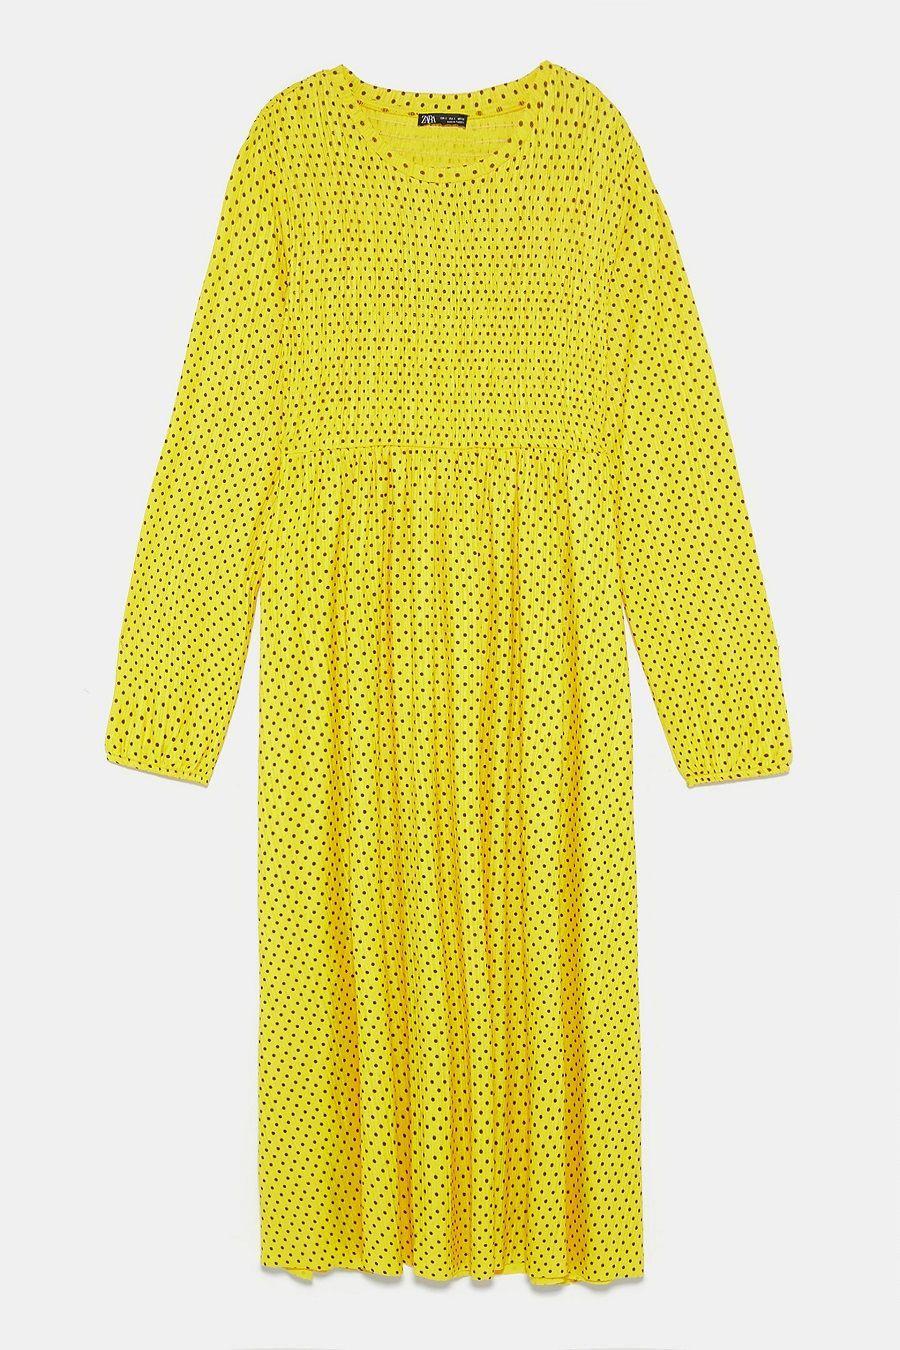 8 Dress Santai yang Bisa Kamu Andalkan di Hari Sabtu